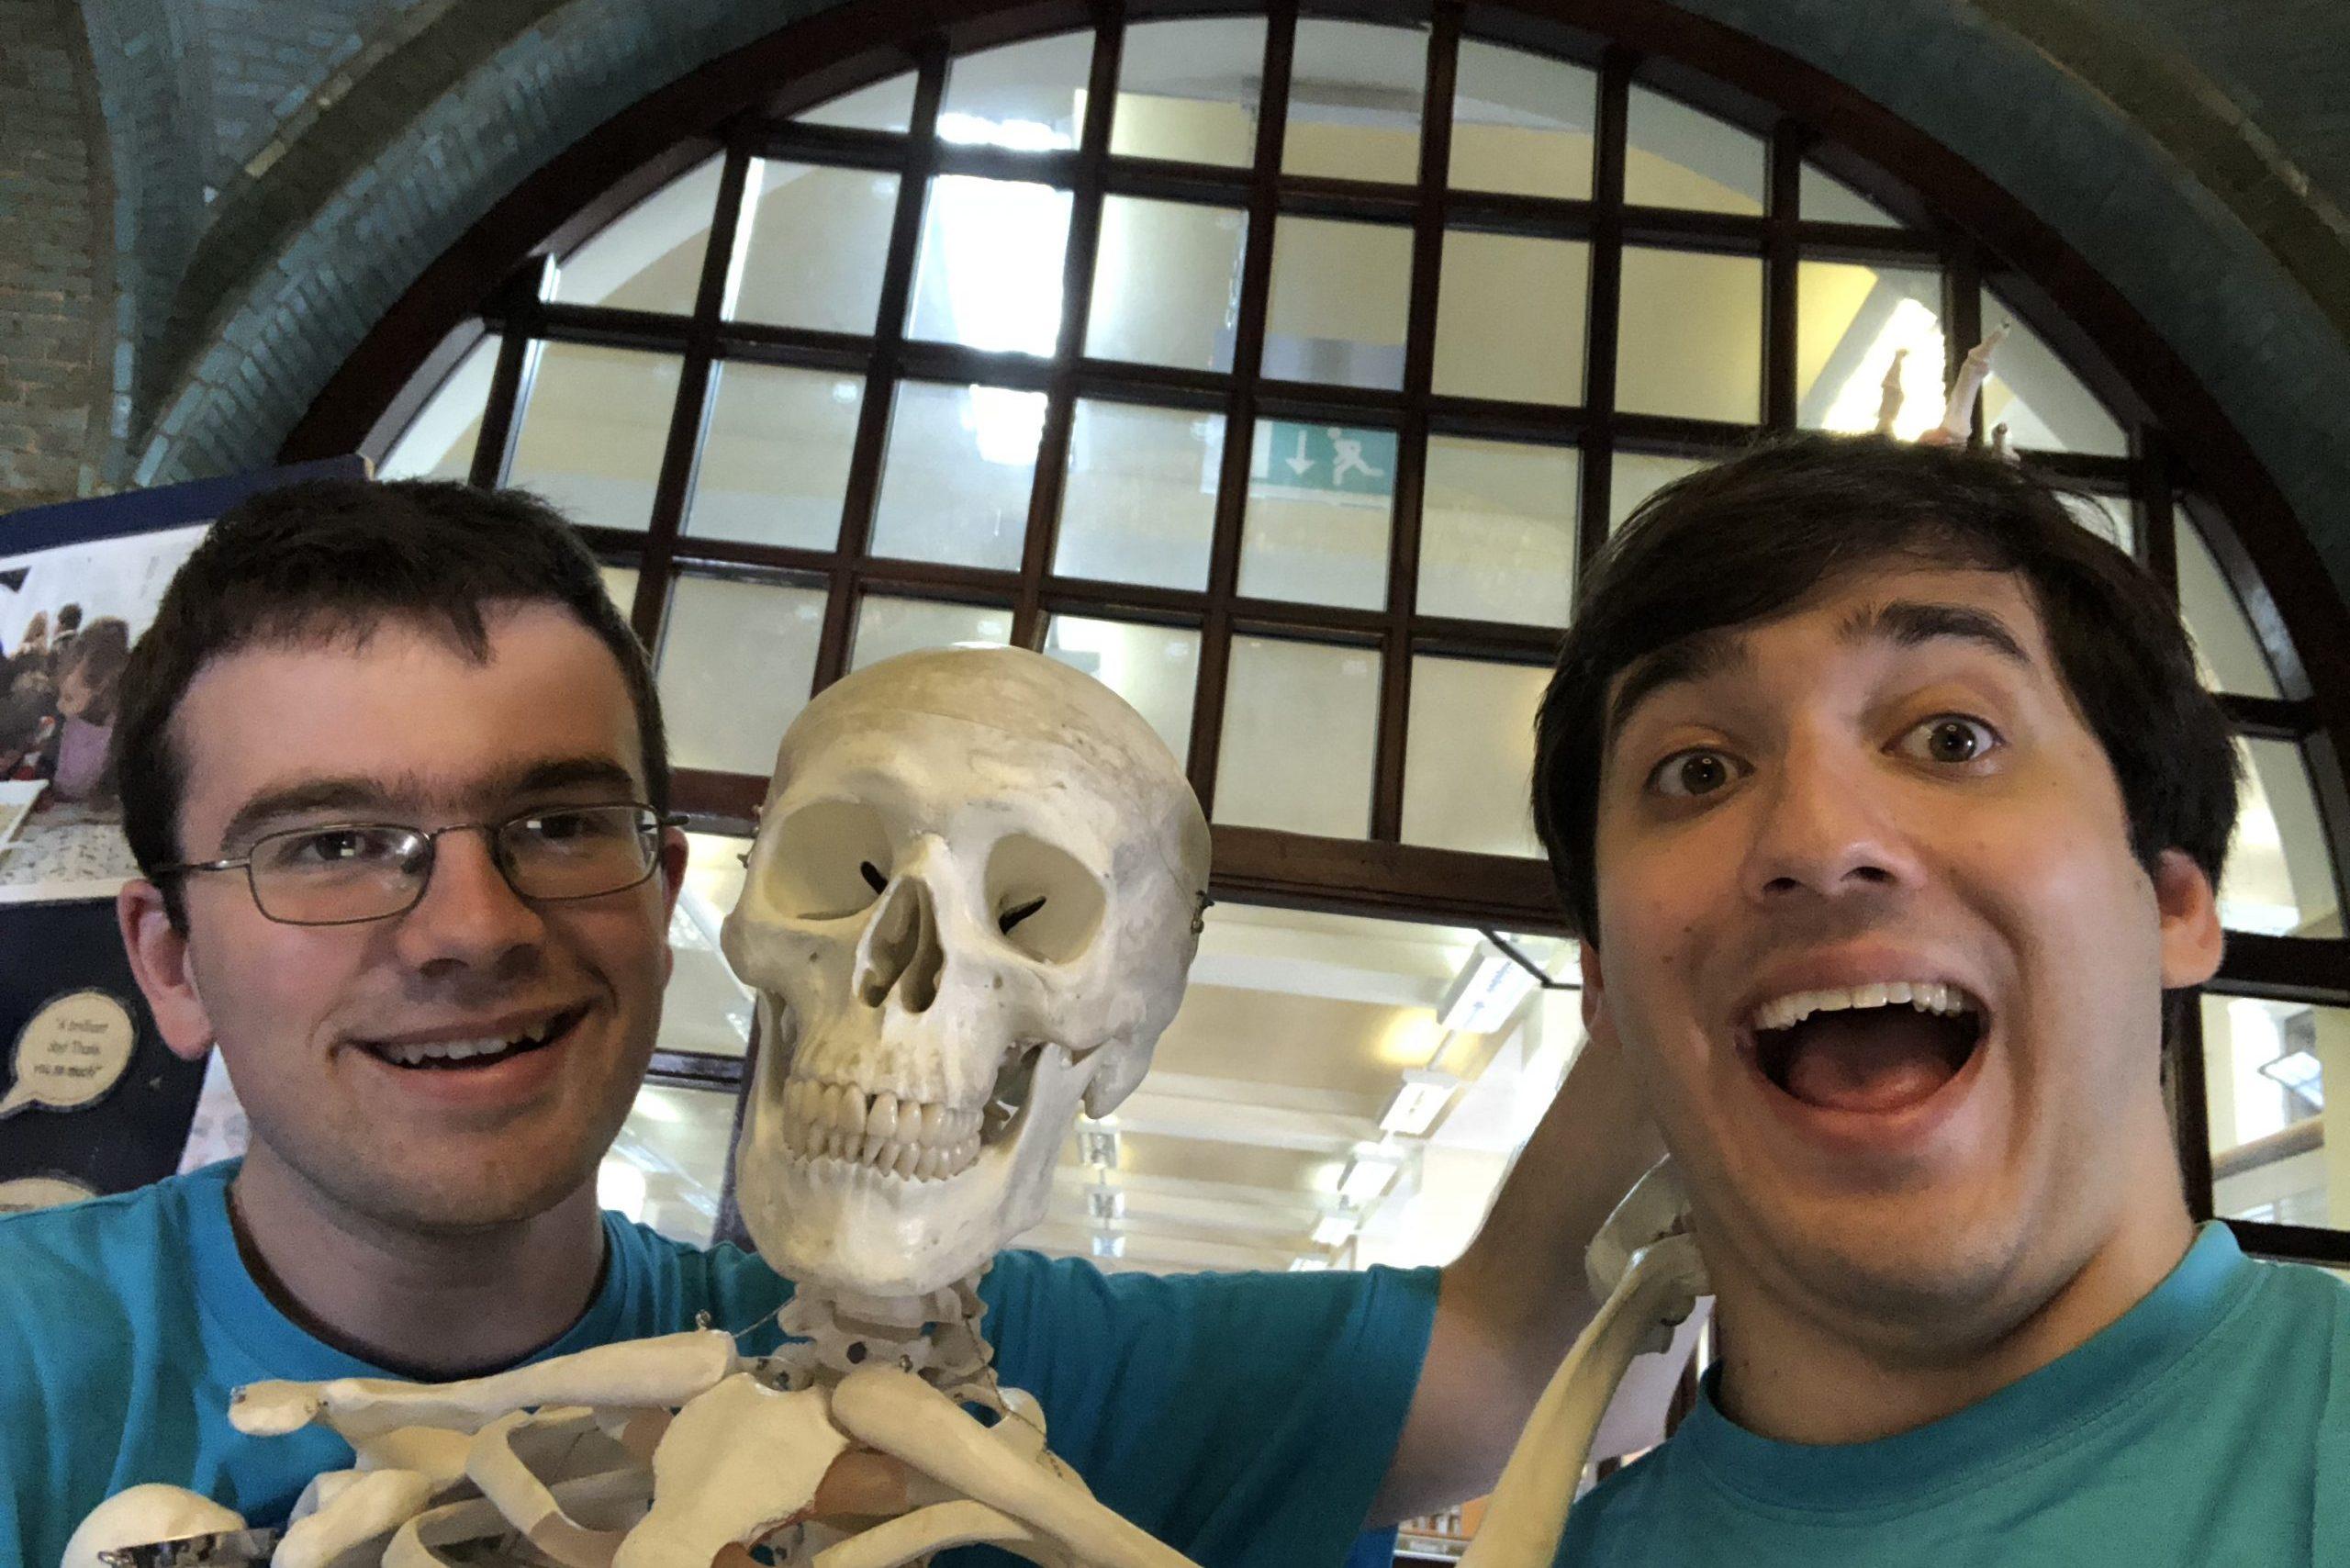 Taking Boris the Skeleton for a Walk